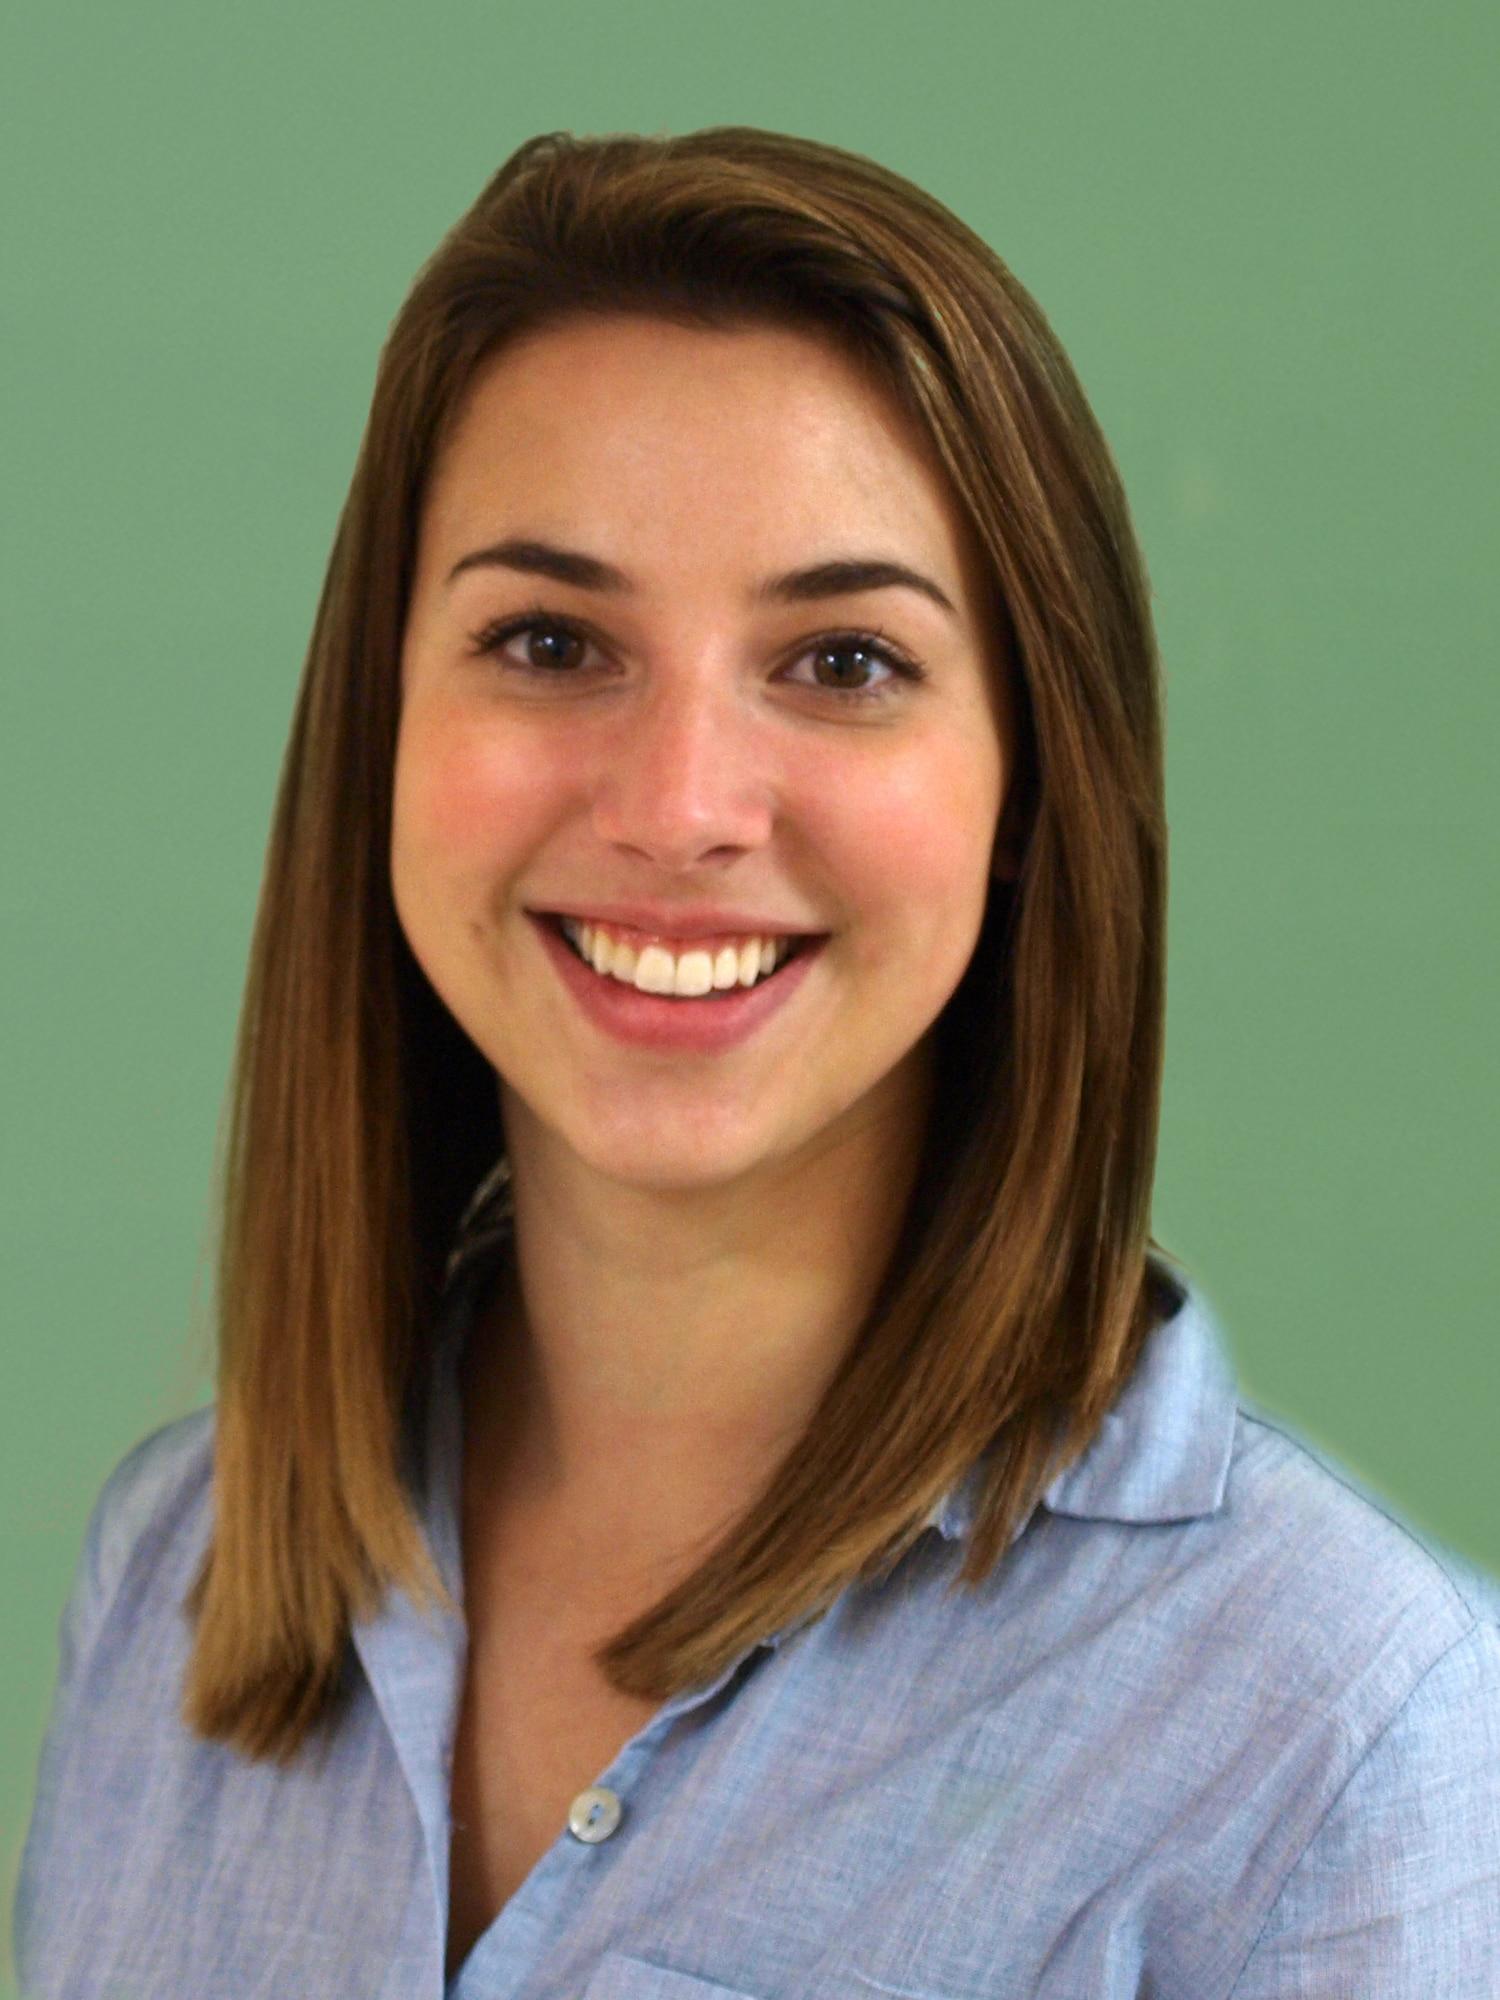 Tara Calabro, LMSW Headshot